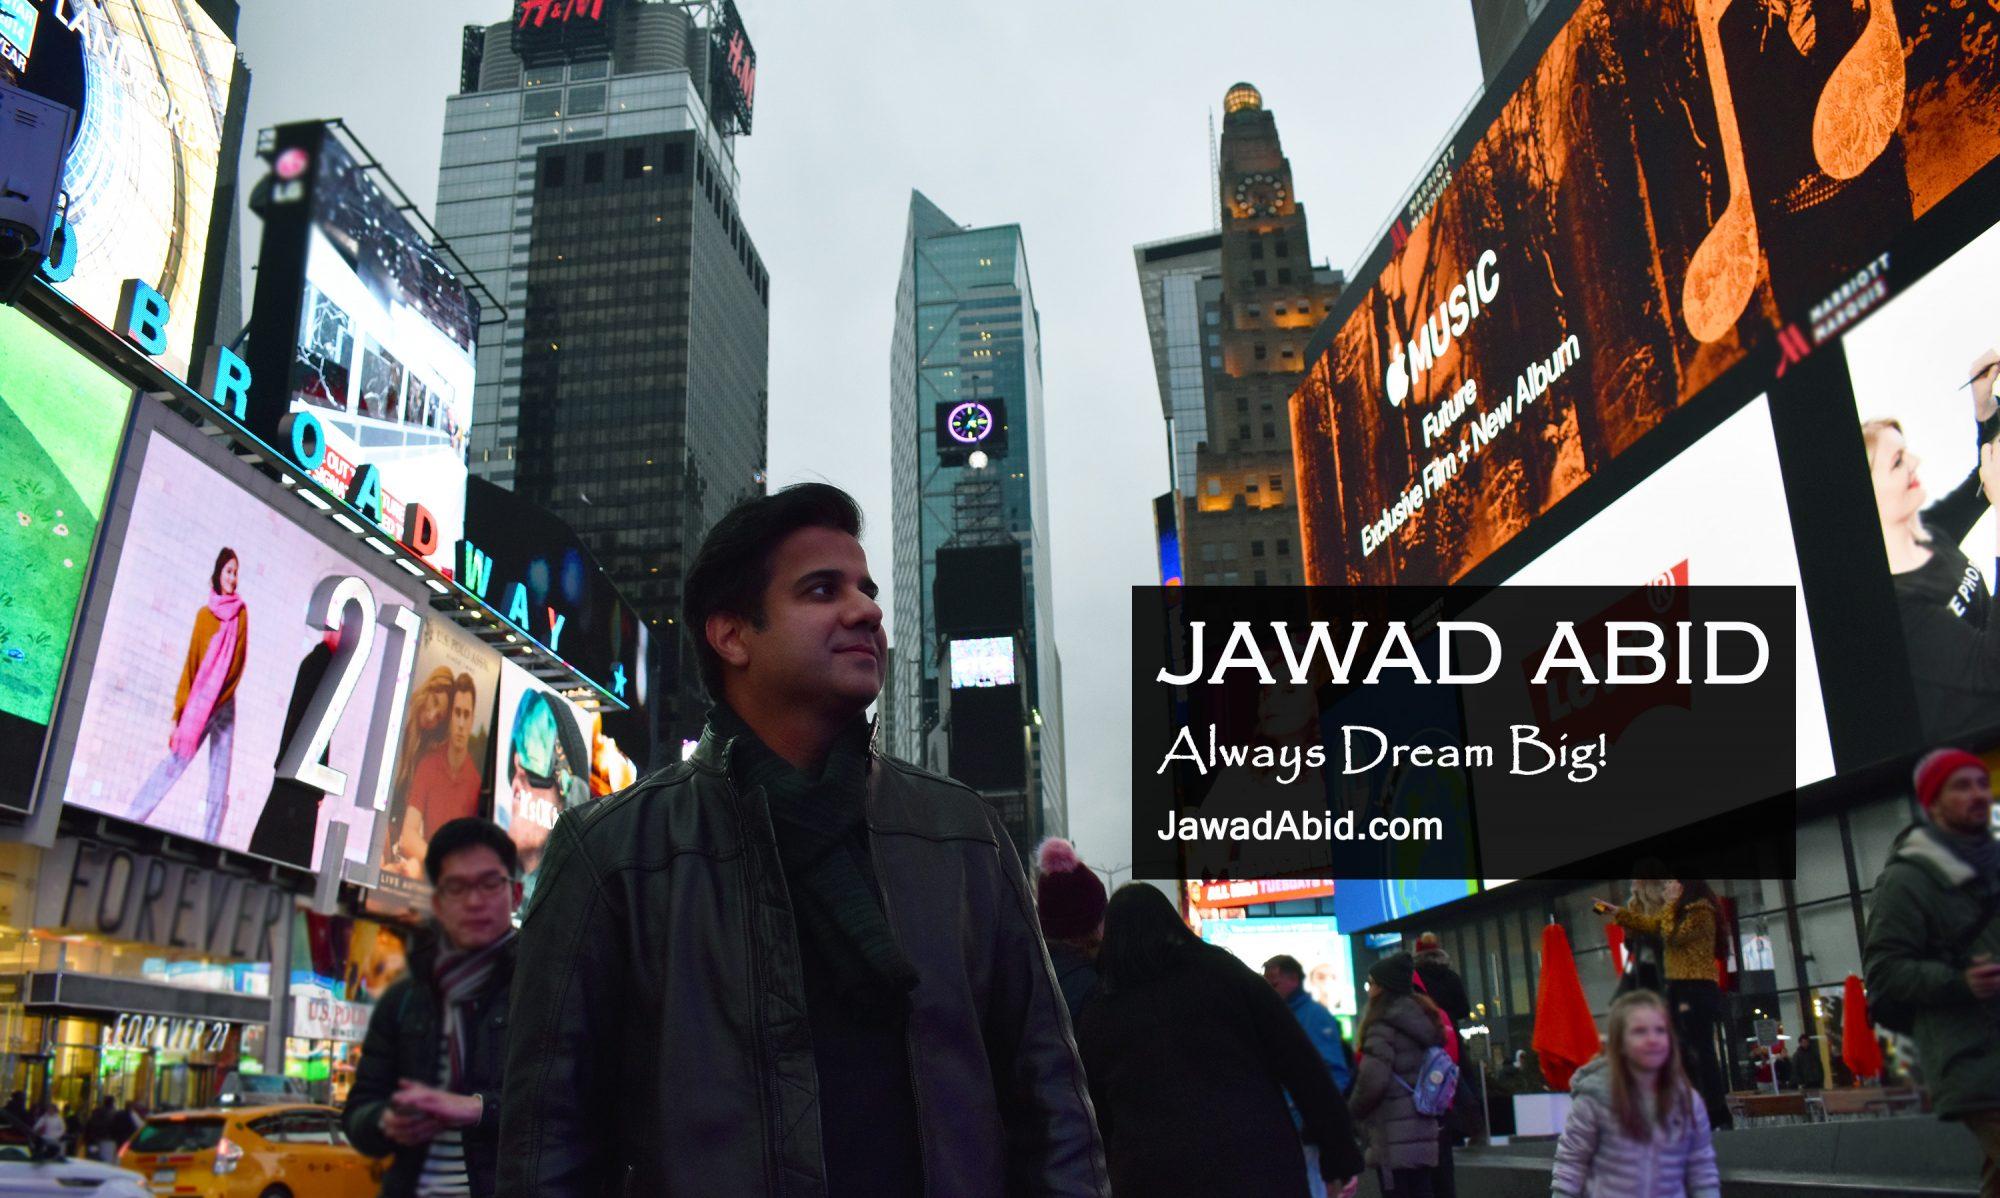 Jawad Abid